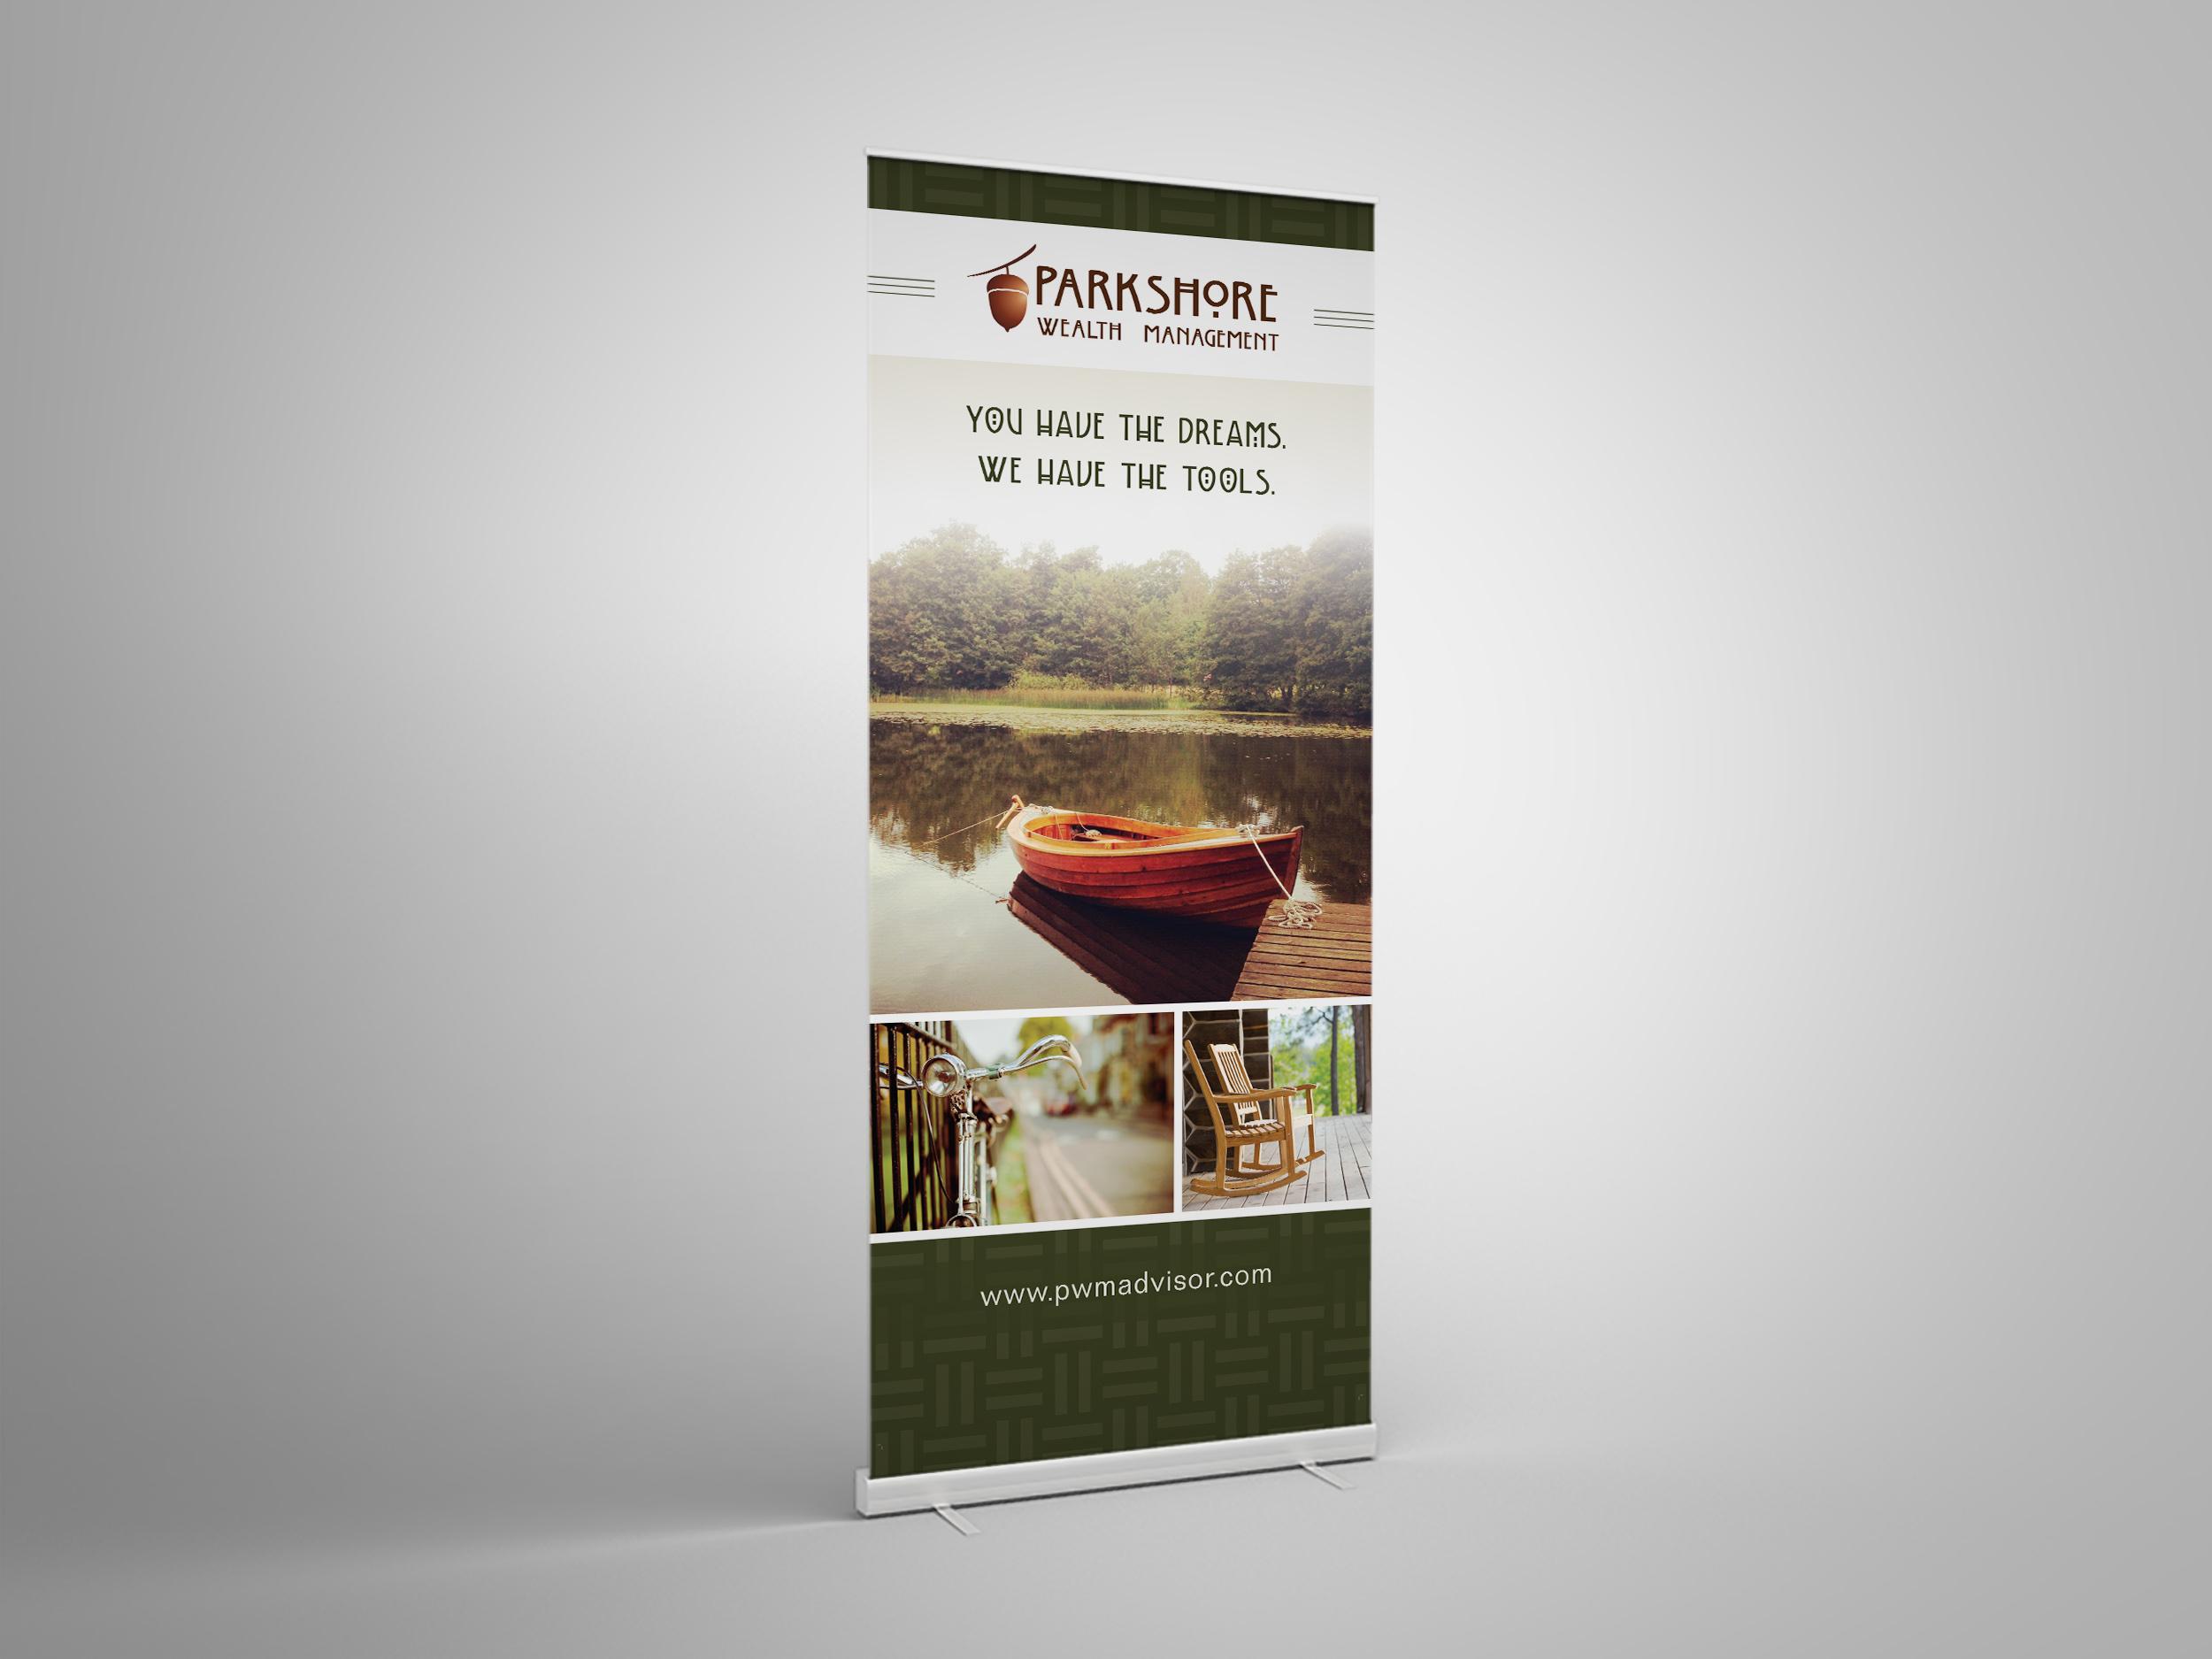 Parkshore Wealth Management